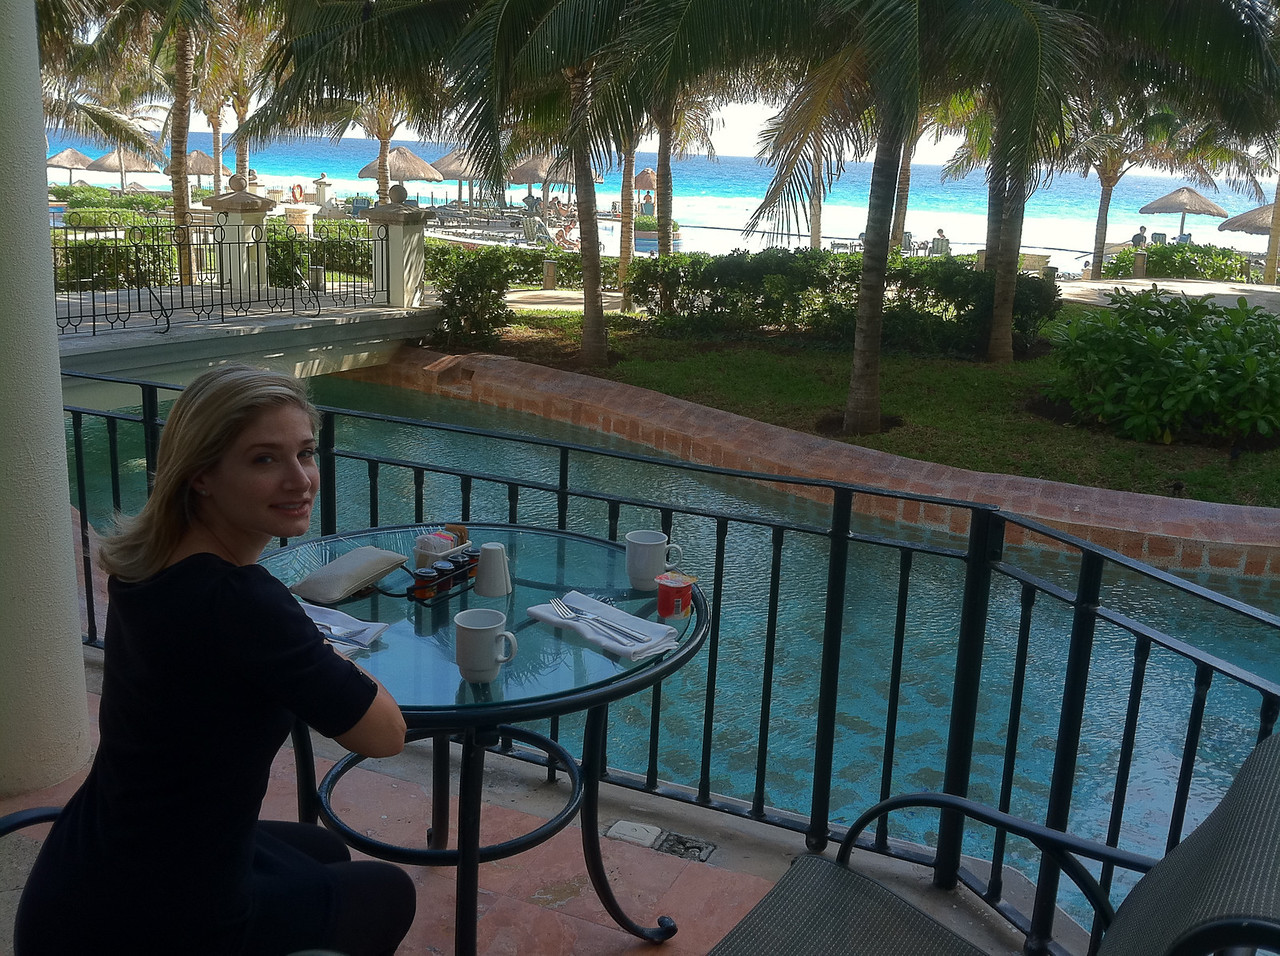 Last breakfast at the JW Marriott.